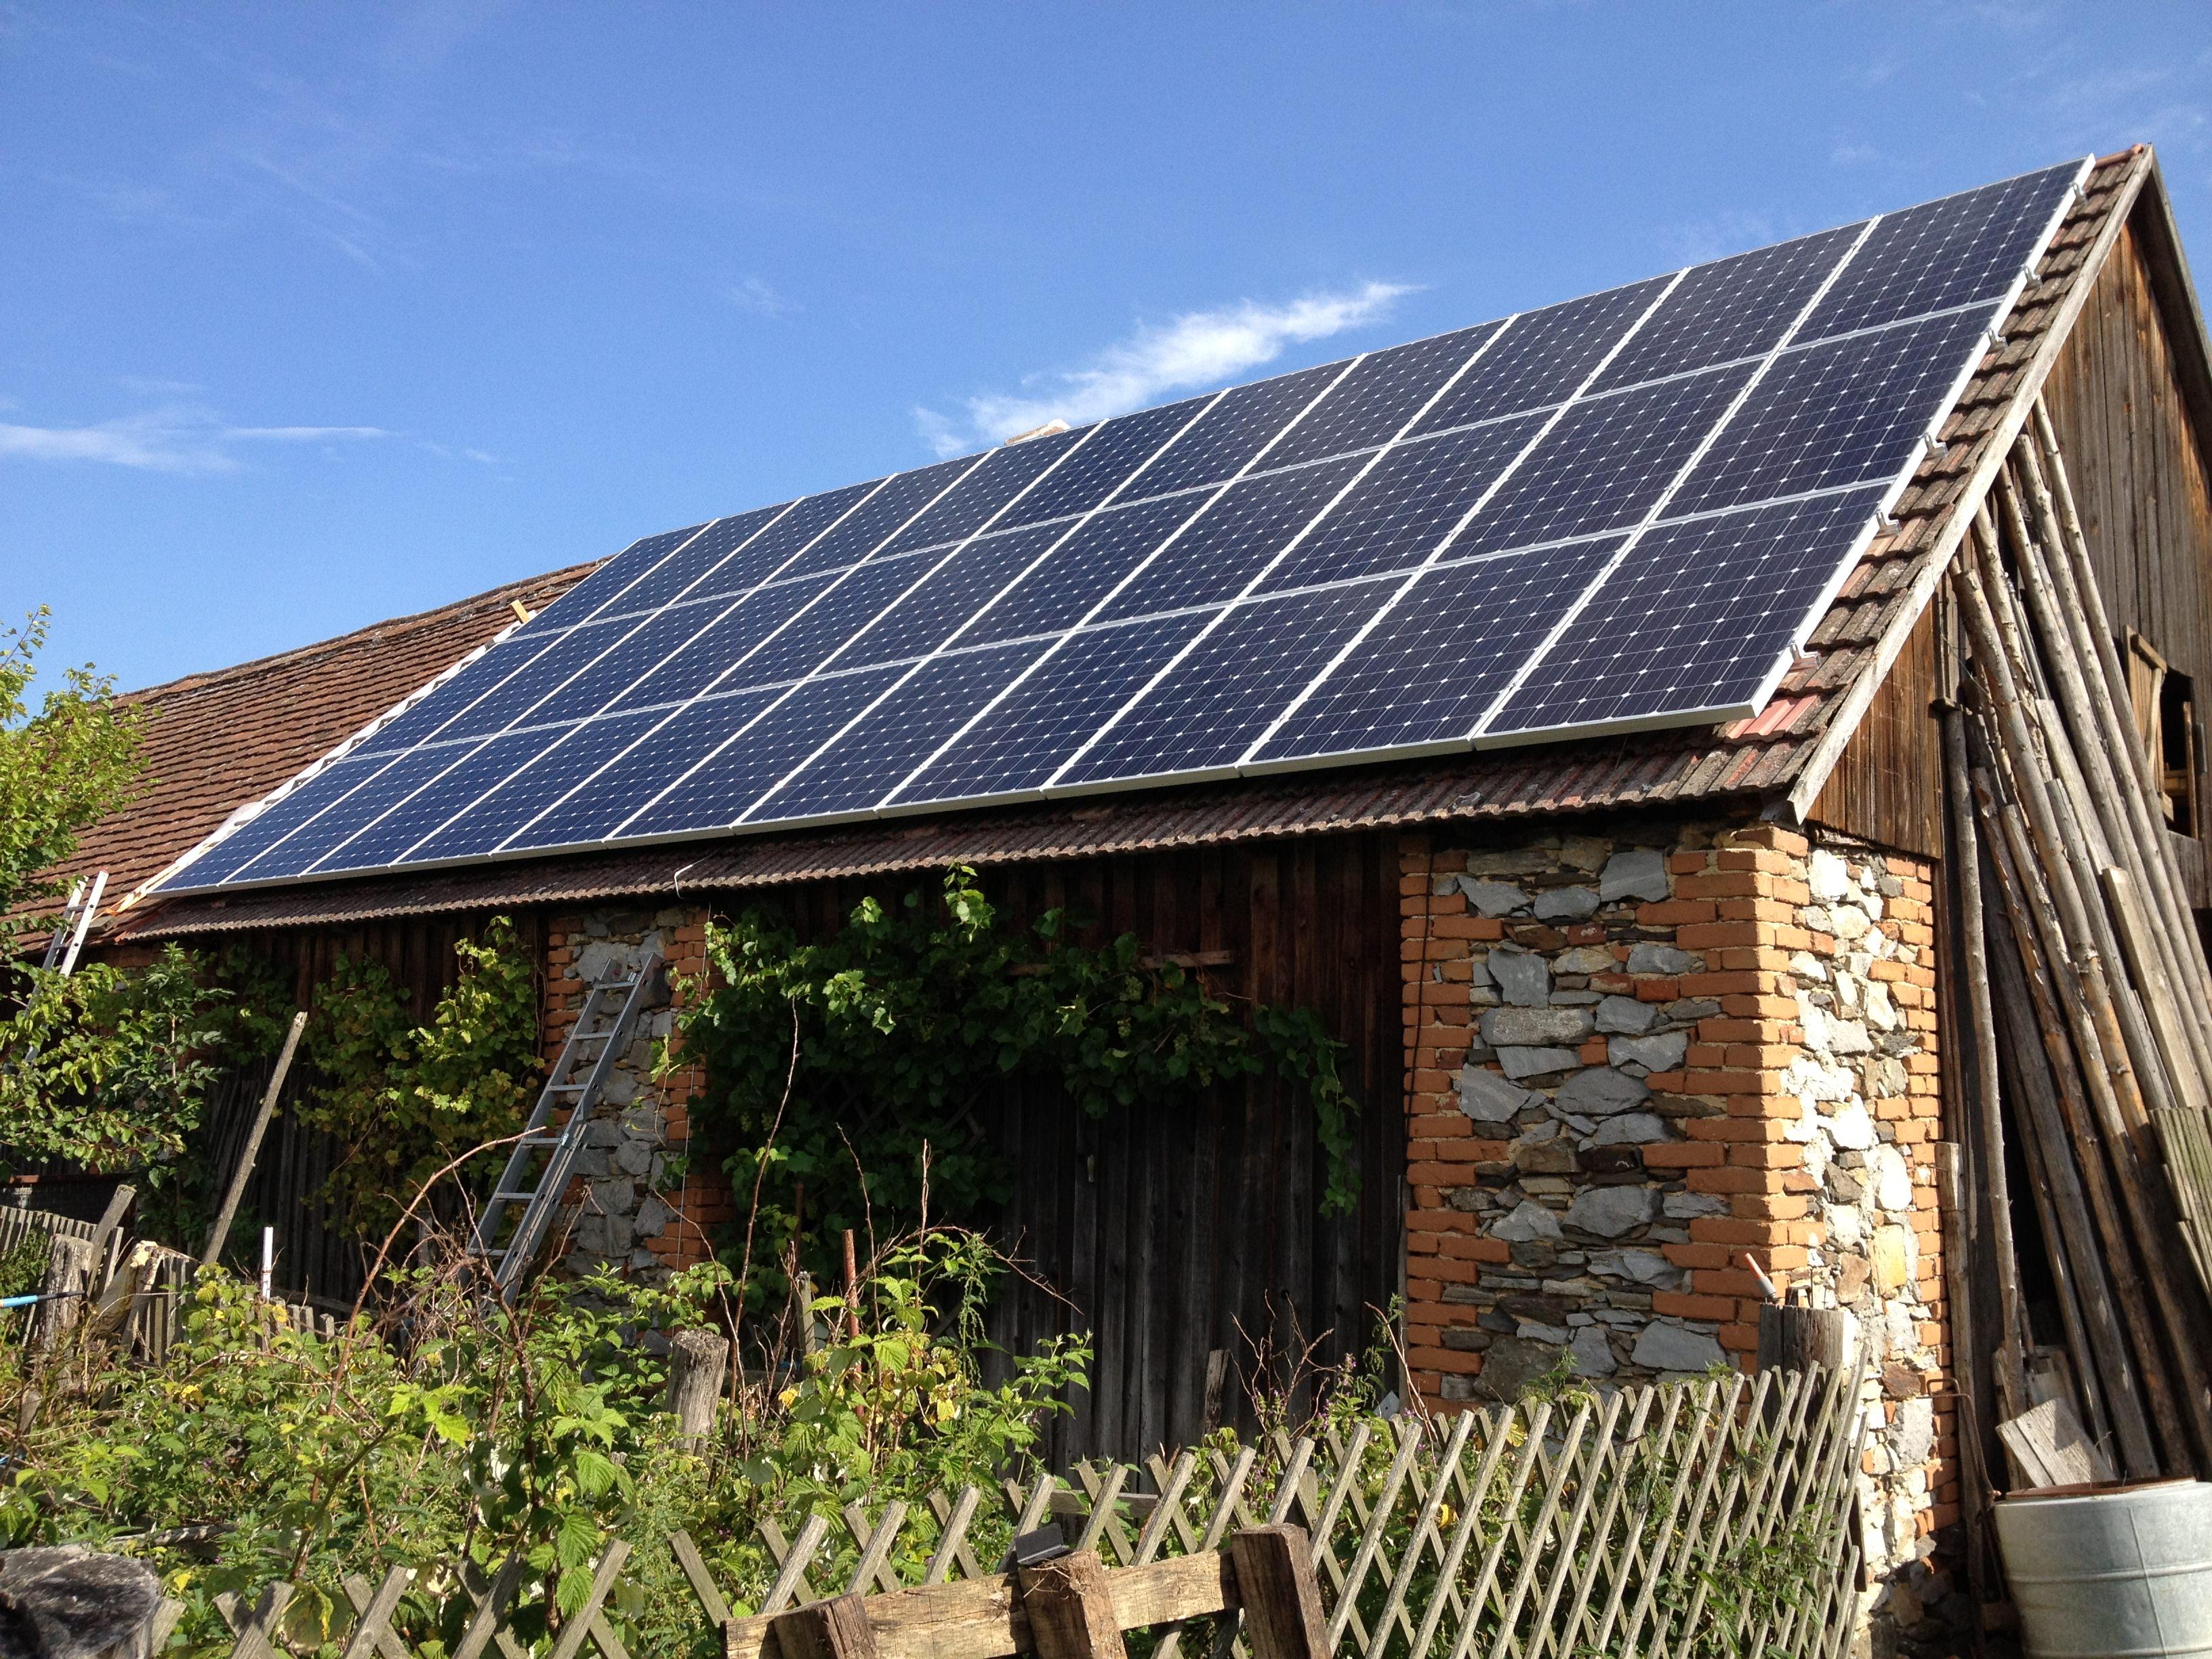 wie viel heizung schaffen 3 4 photovoltaikmodule. Black Bedroom Furniture Sets. Home Design Ideas